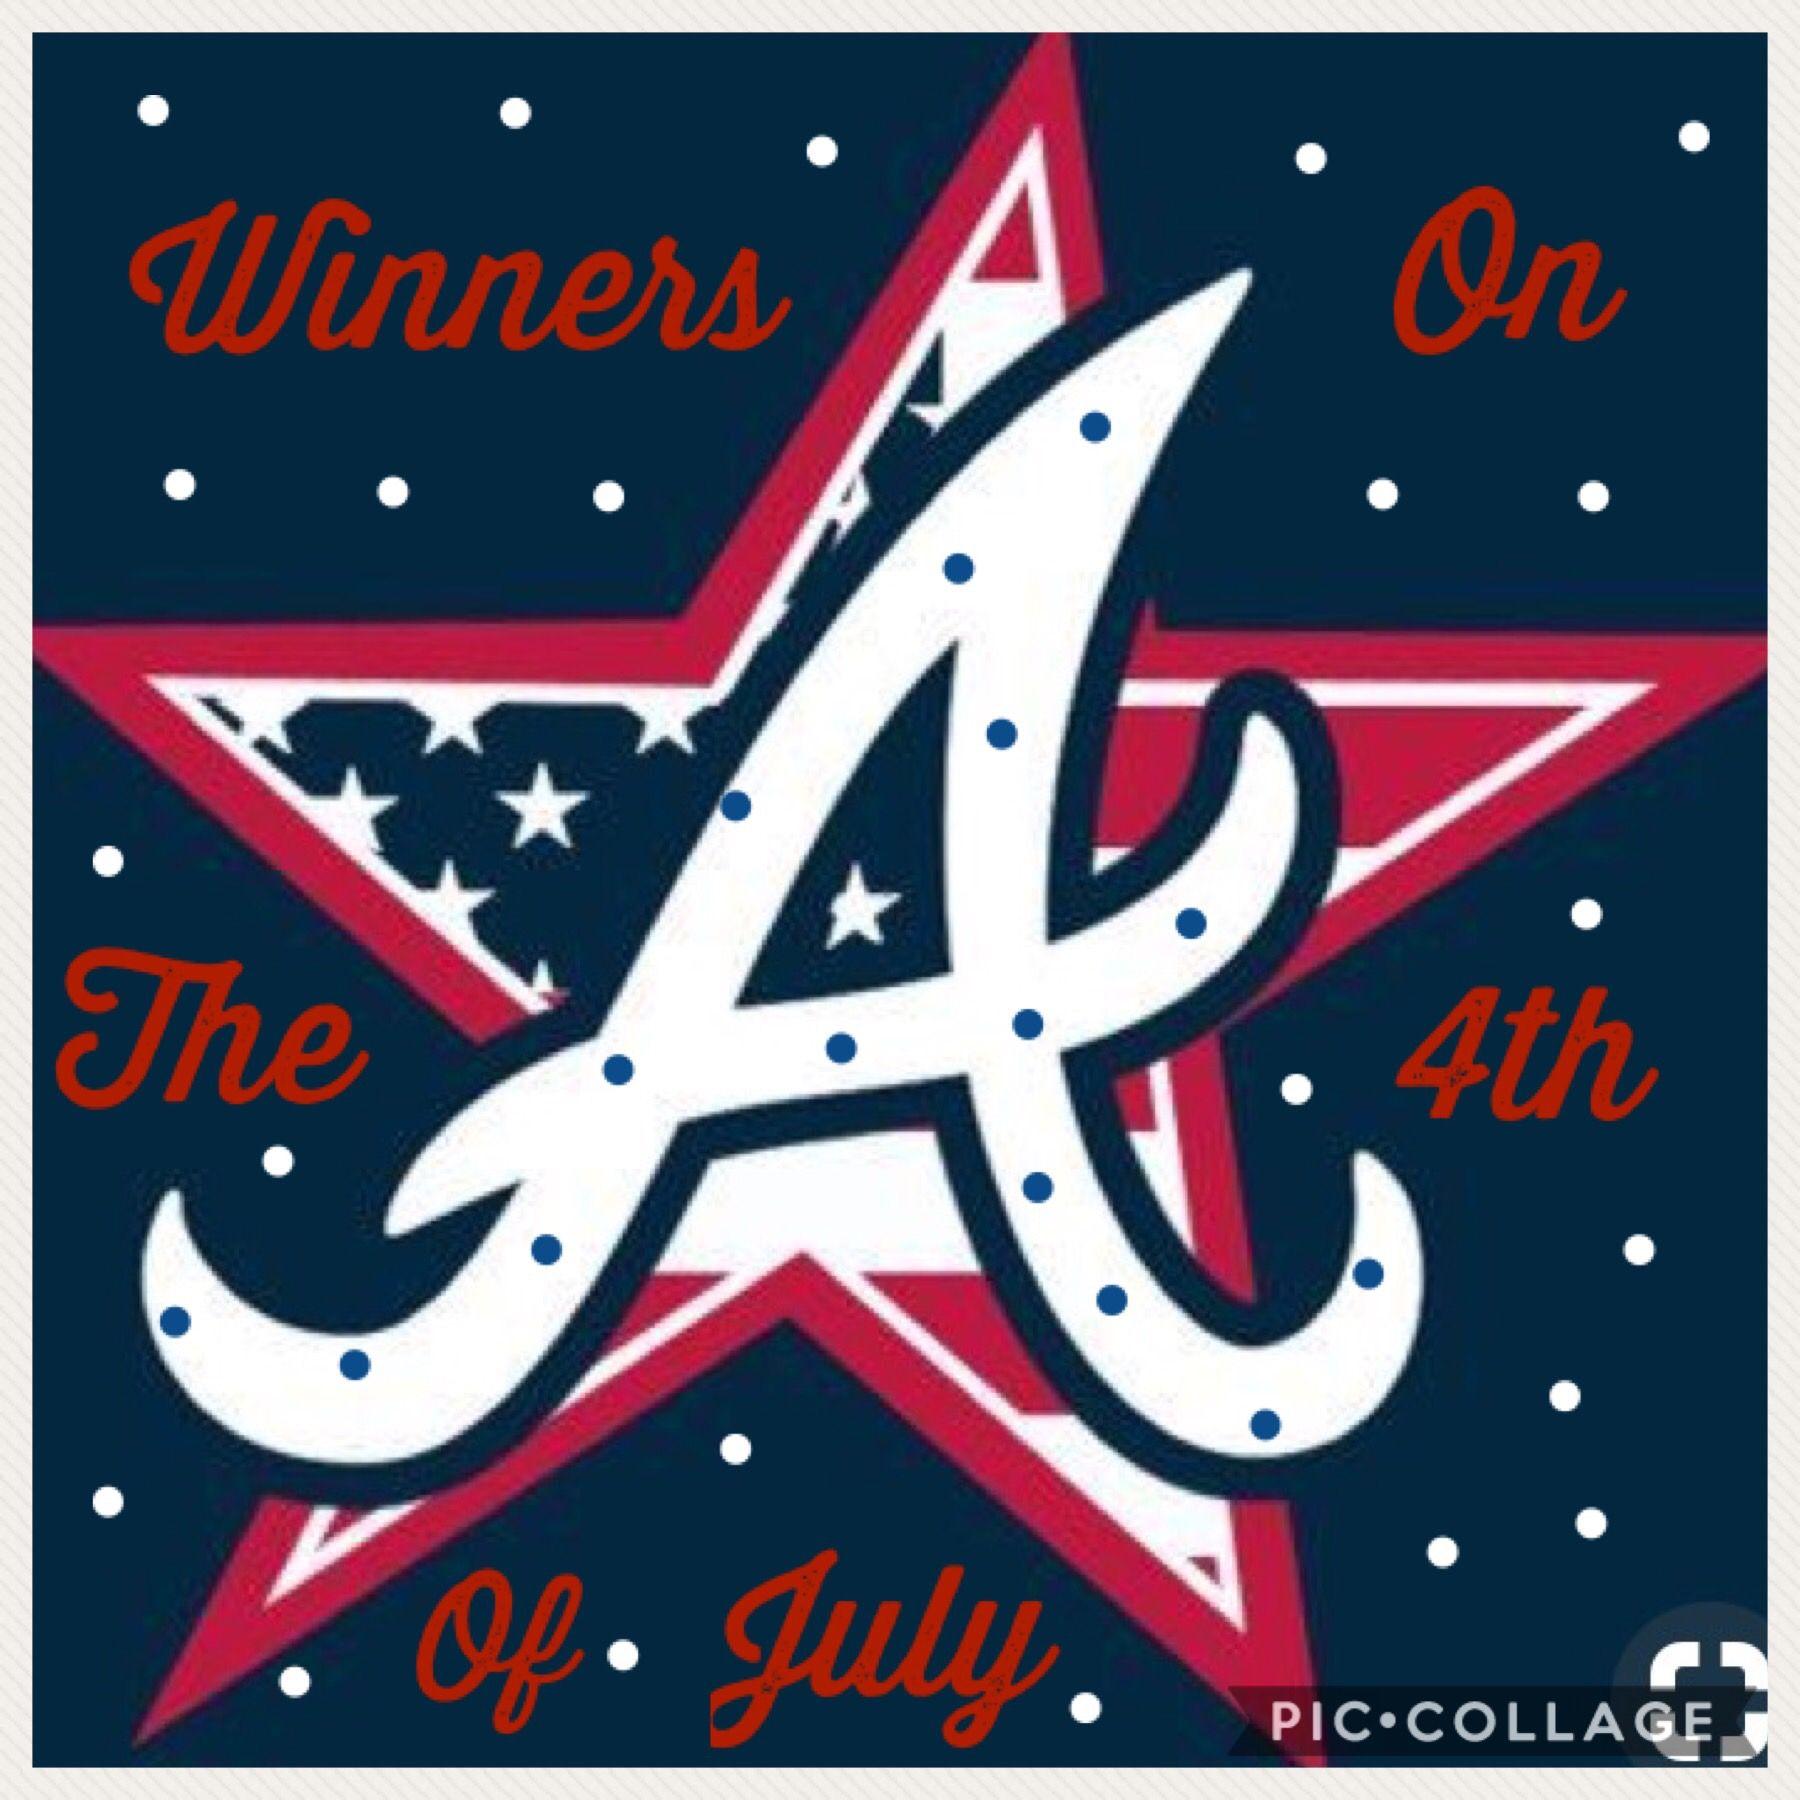 Braves Vs Phillies 12 To 6 2019 Braves Baseball Braves Sport Team Logos